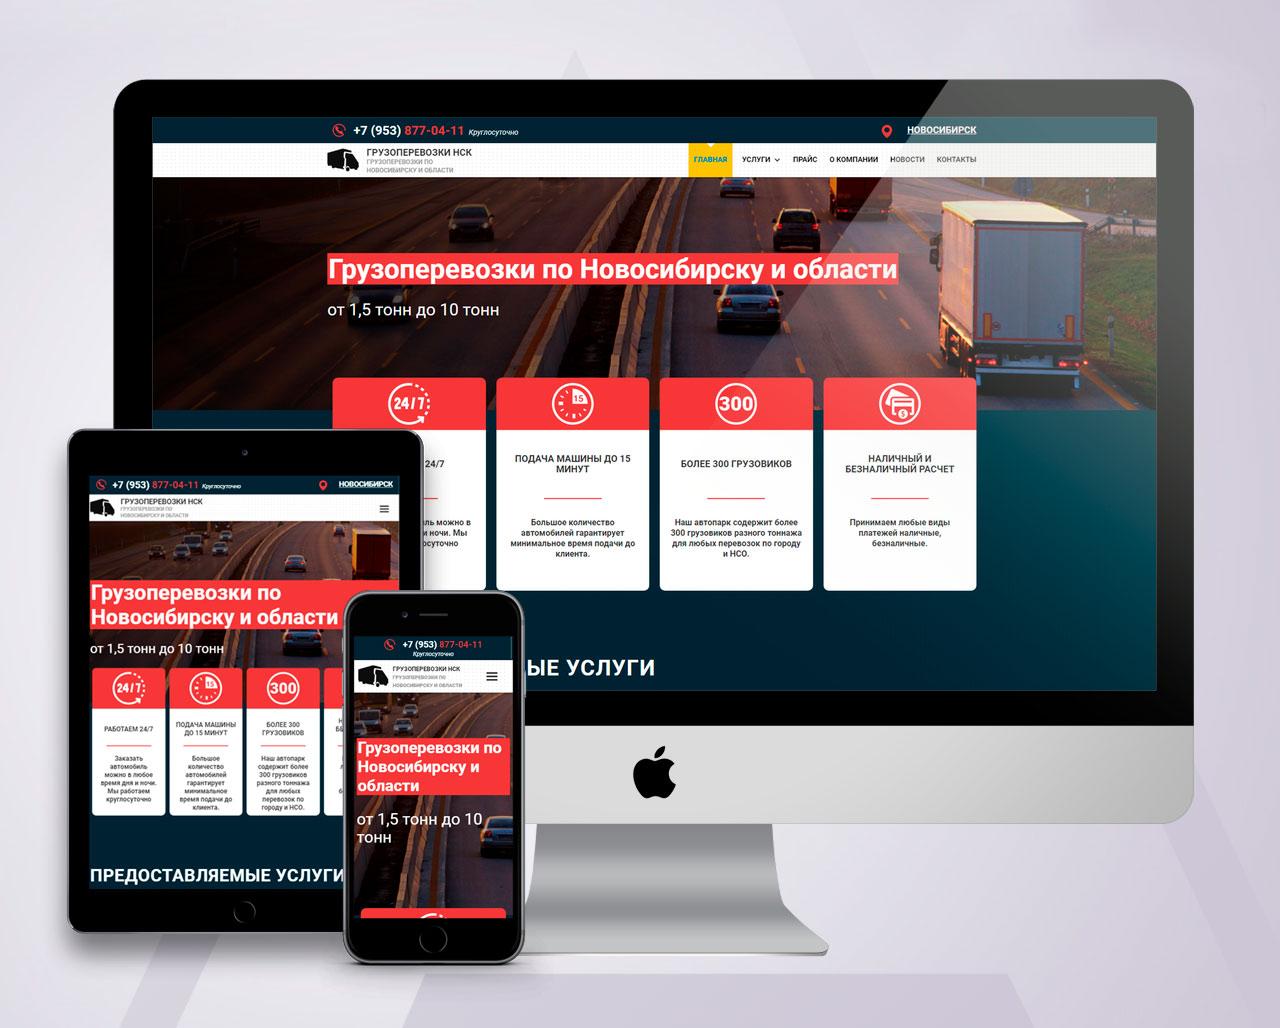 Видео создание сайтов вордпресс управляющая компания кивеннапа север официальный сайт